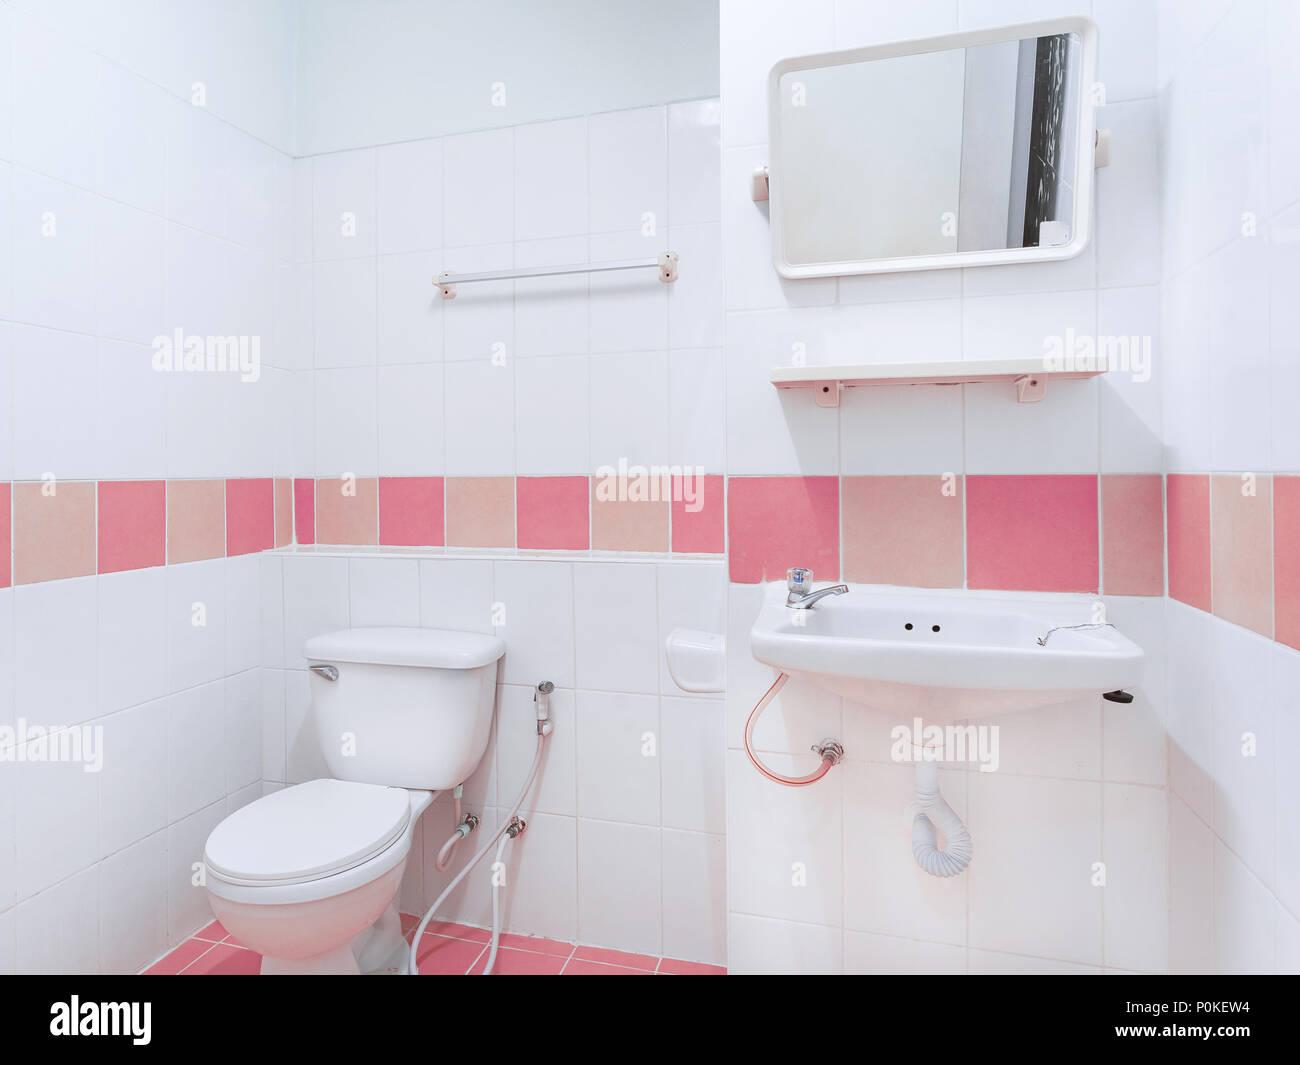 Saubere toilette mit wc waschbecken und spiegel dekoration mit rosa